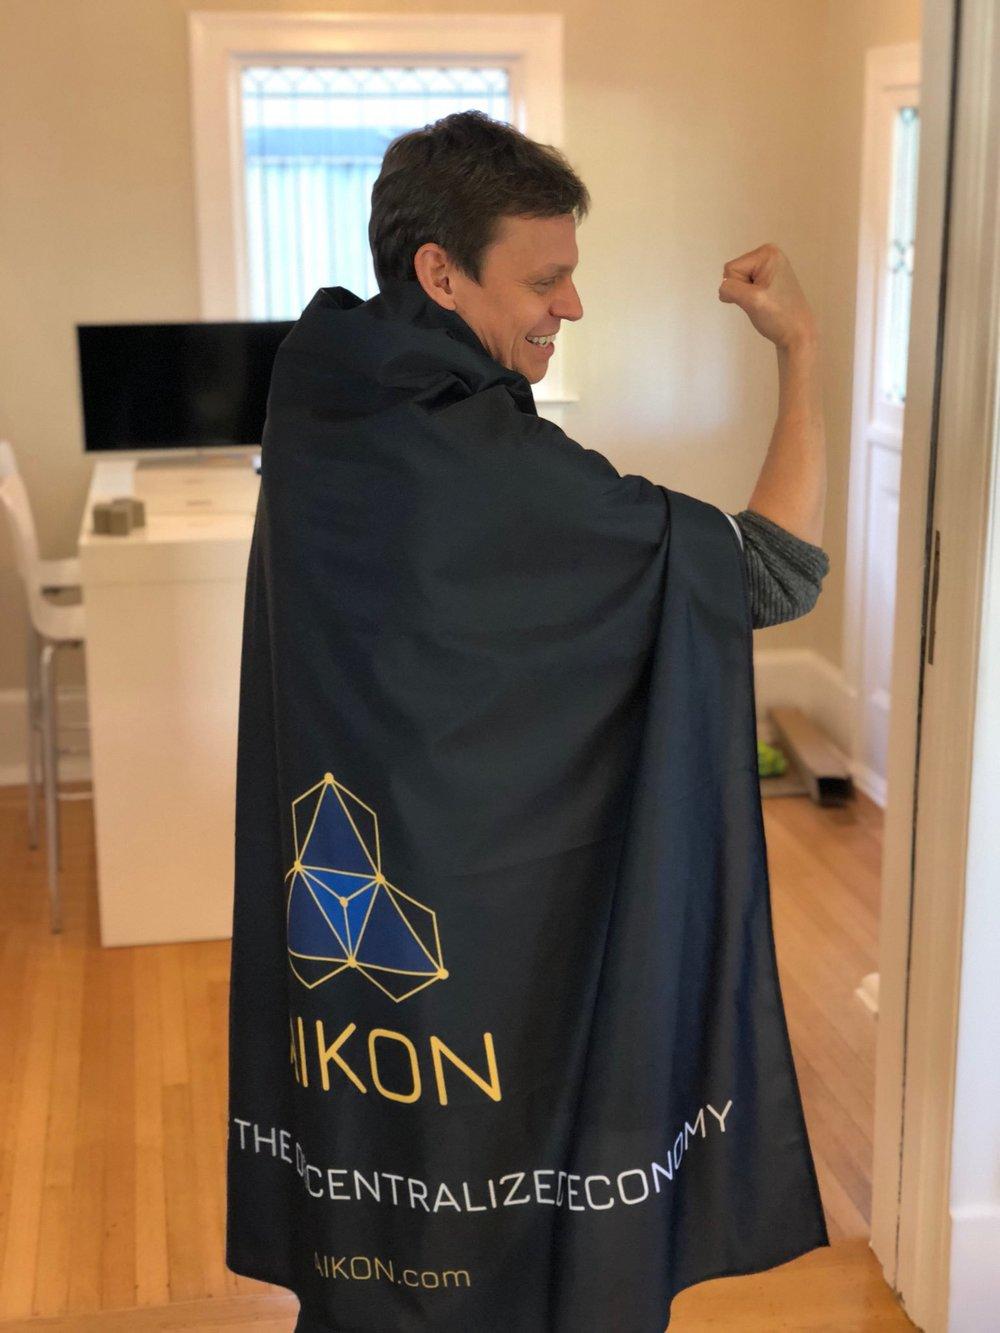 Tray AIKON Superhero.jpg